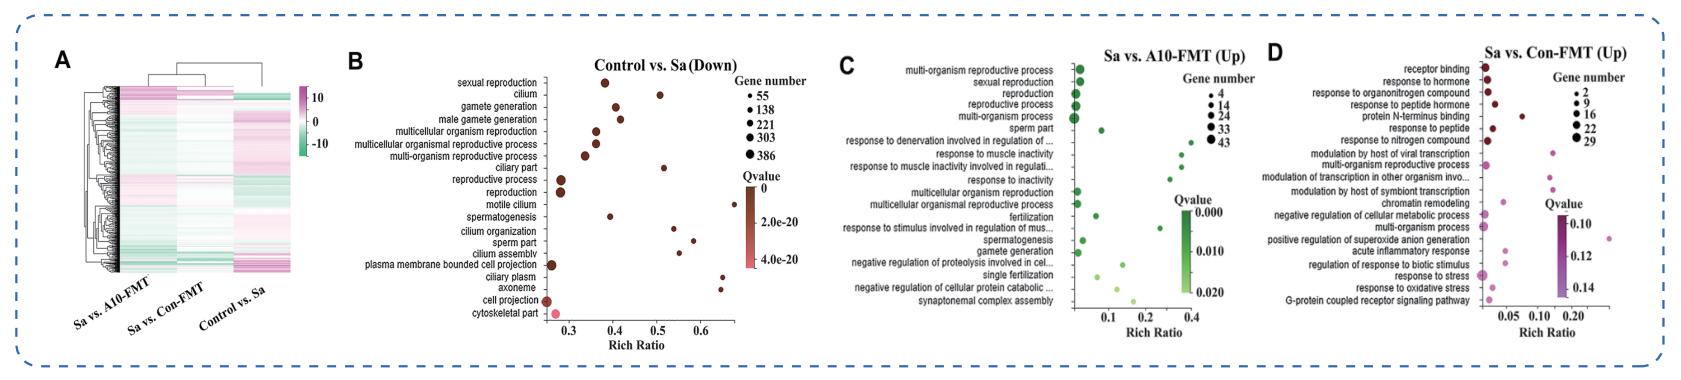 16s微生物测序+全谱代谢组双平台